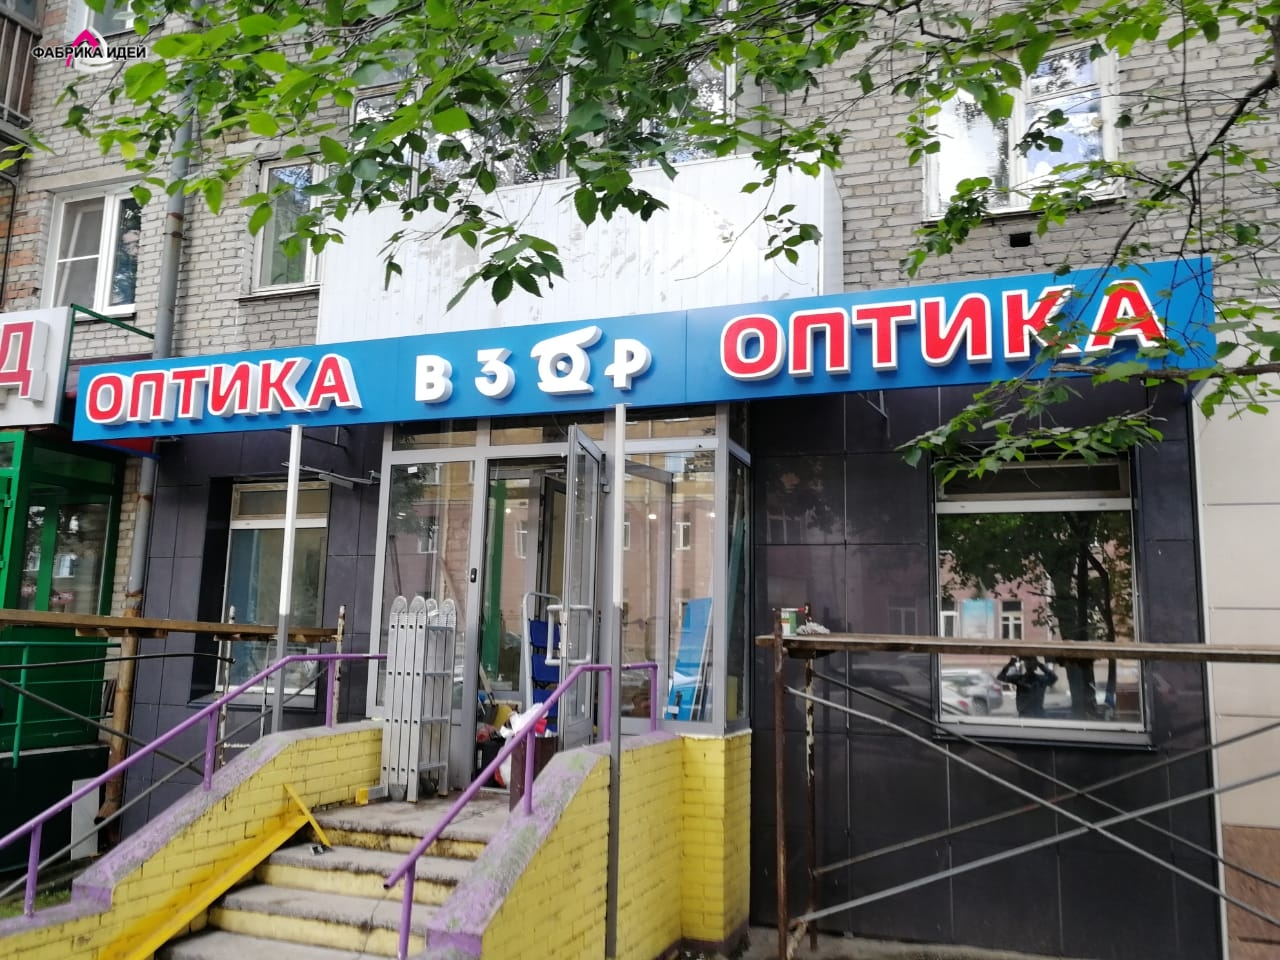 Где заказать вывески недорого в Новосибирске? WhatsApp-Image-2018-07-05-at-16.03.24